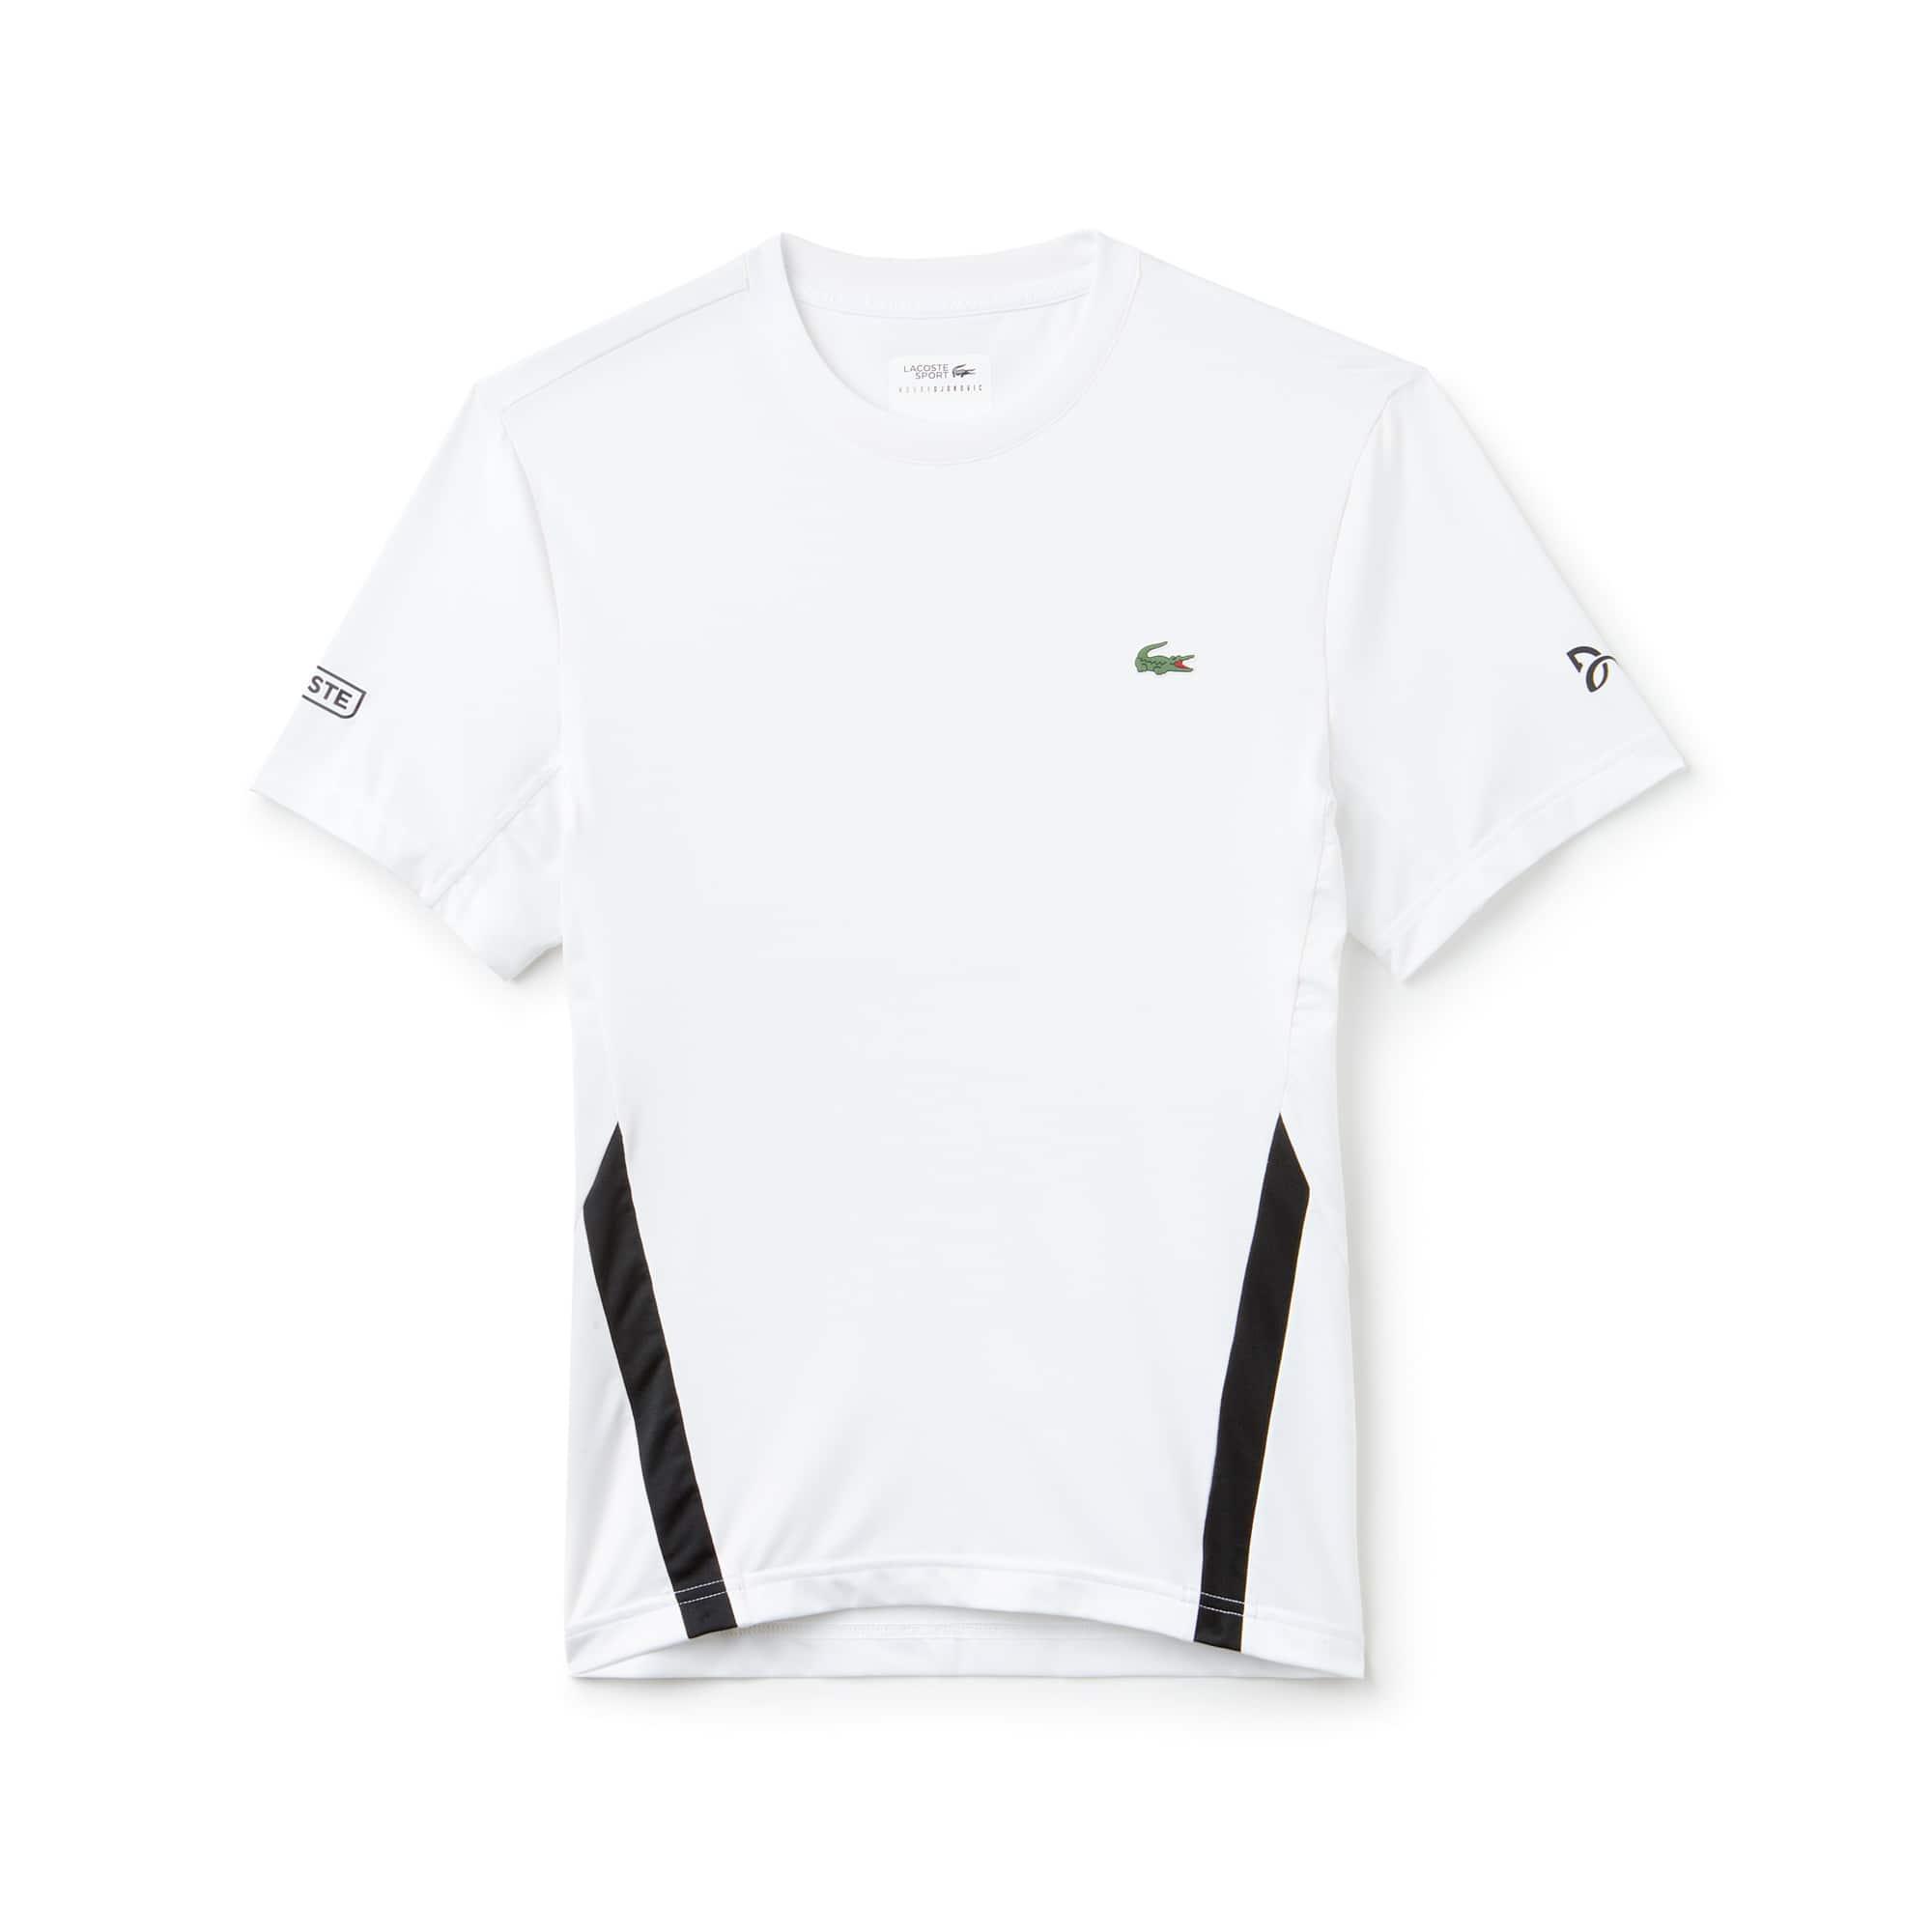 라코스테 Lacoste Mens SPORT Crew Neck Stretch Technical Jersey T-shirt - x Novak Djokovic Off Court Premium Edition,white / black